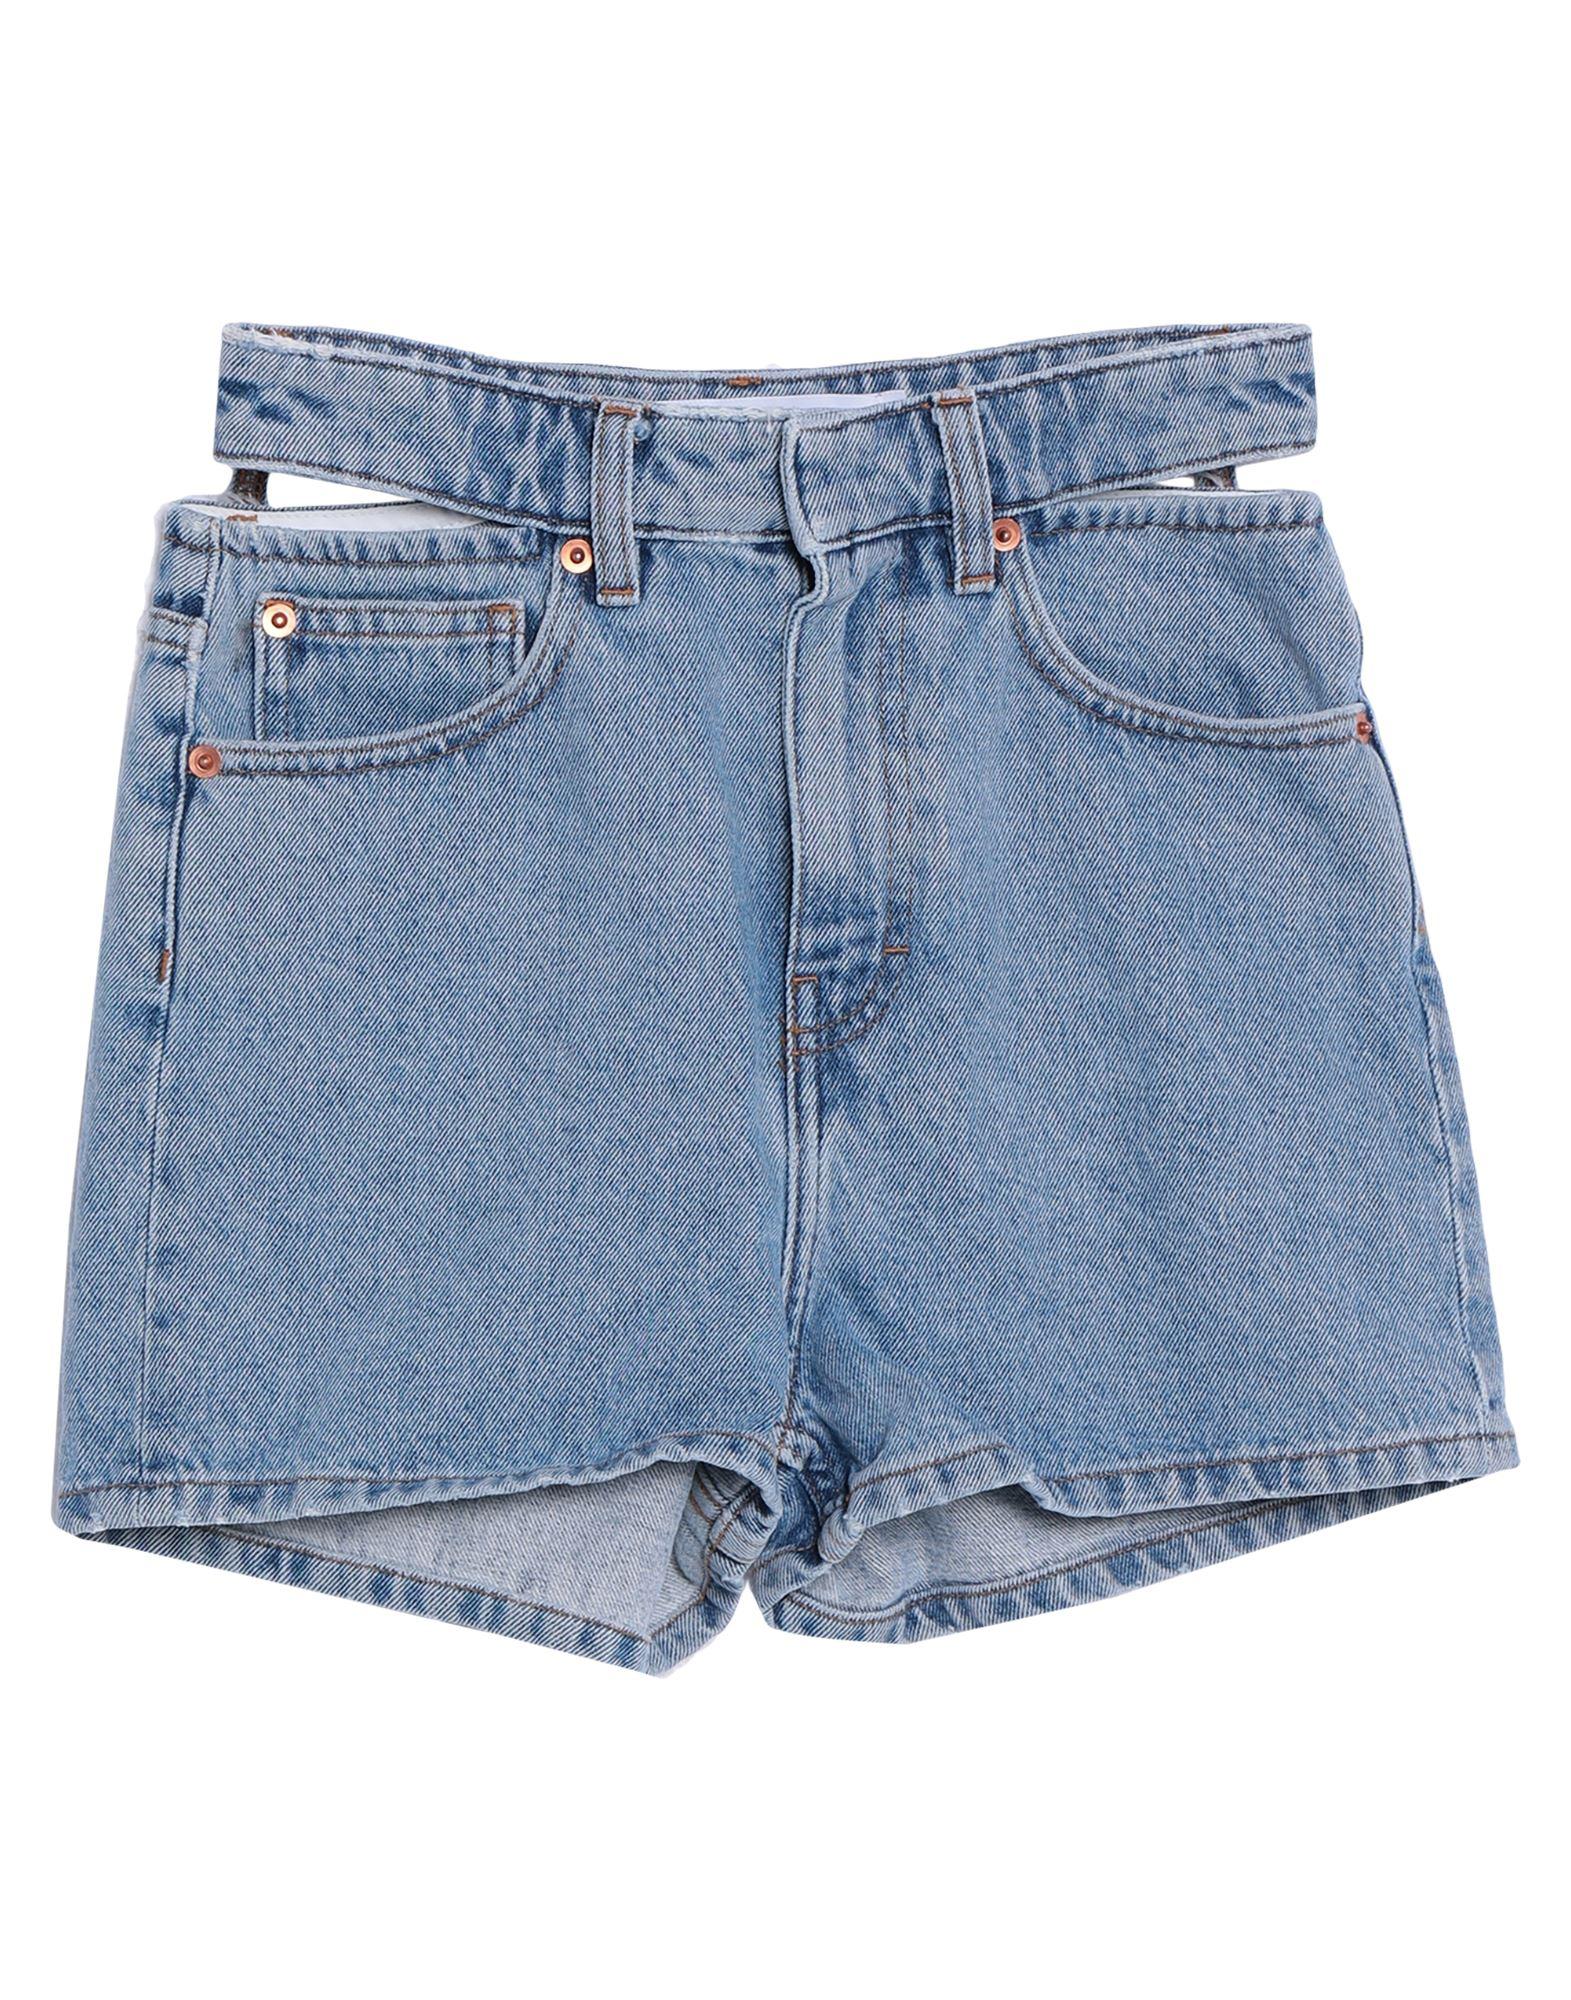 Фото - IRO Джинсовые шорты please джинсовые шорты